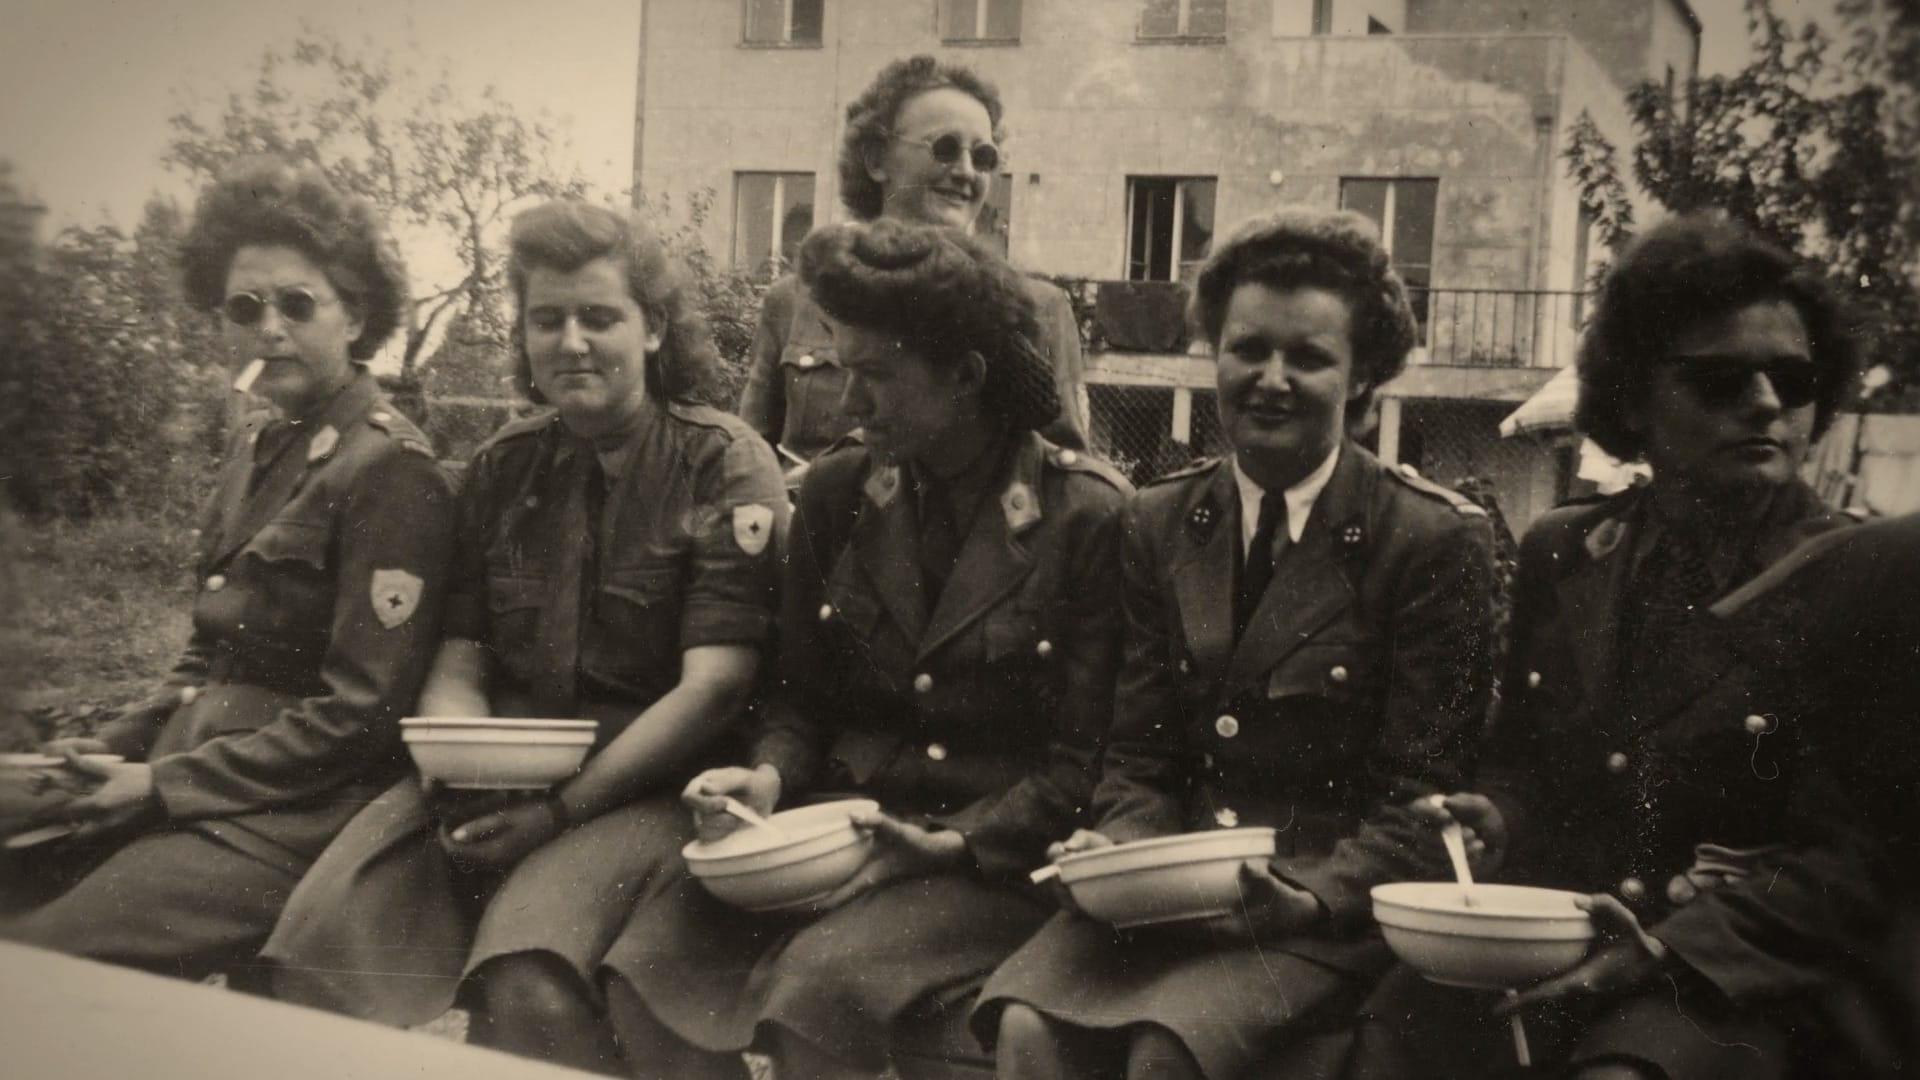 Les filles de l'escadron bleu image documentaire